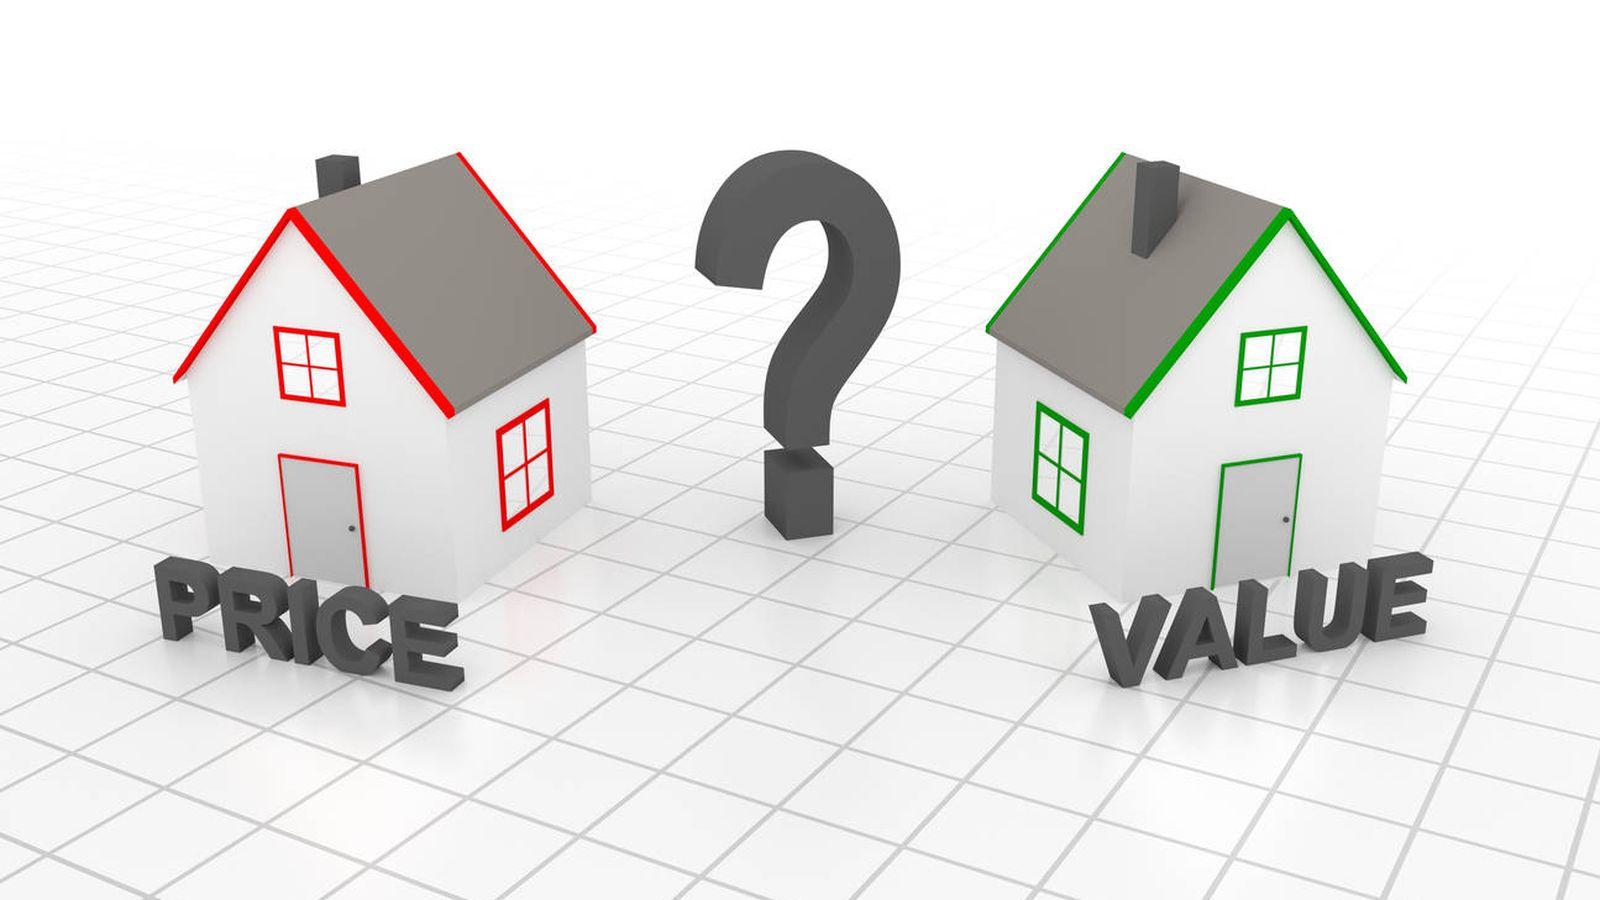 Foto: Si vas a vender tu casa, cuidado, no caigas en estas tres trampas de tu subconsciente. Foto: Istockphoto.